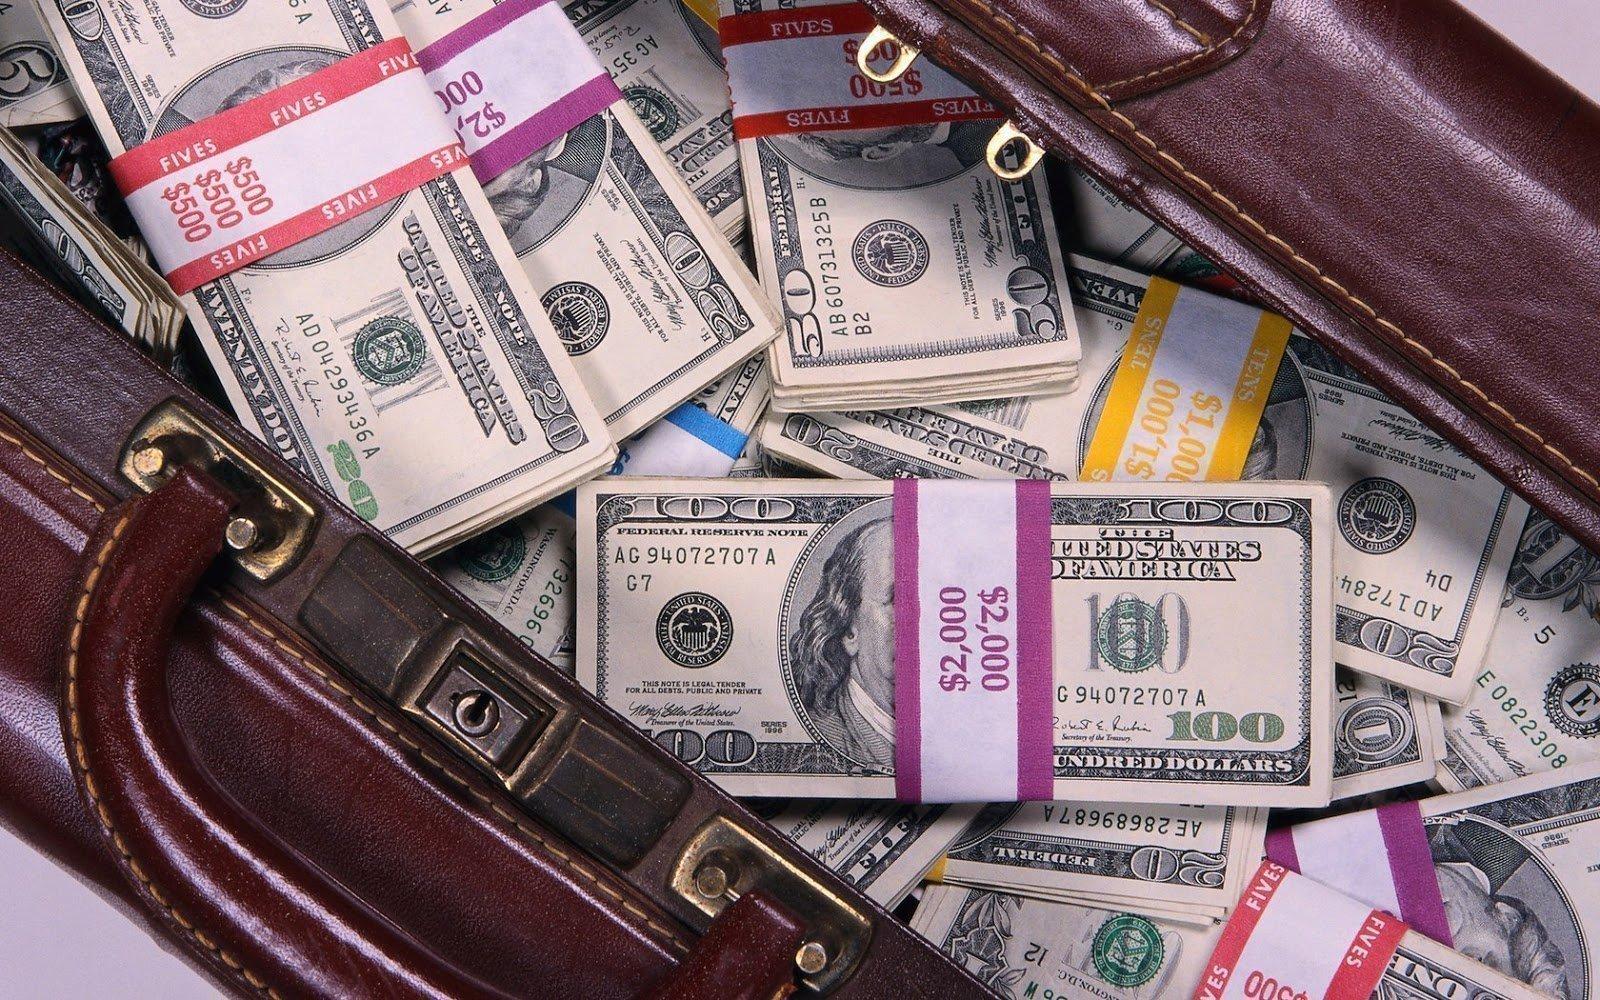 Амулеты от Джулии Ванг на удачу и богатство: реальные отзывы